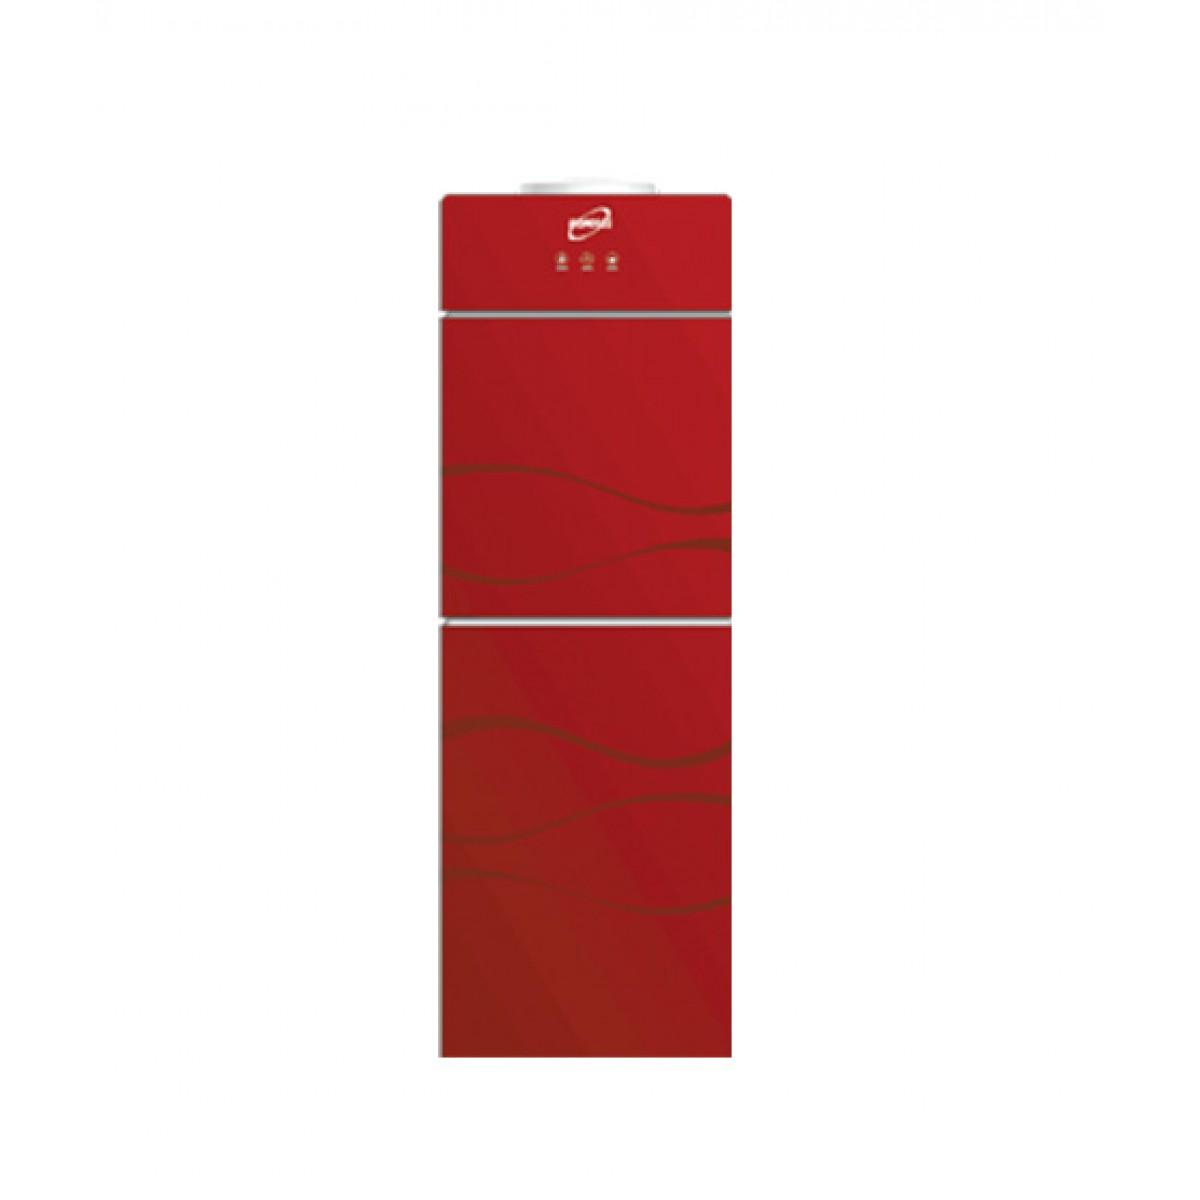 Homage HWD-64 2 Tap Water Dispenser